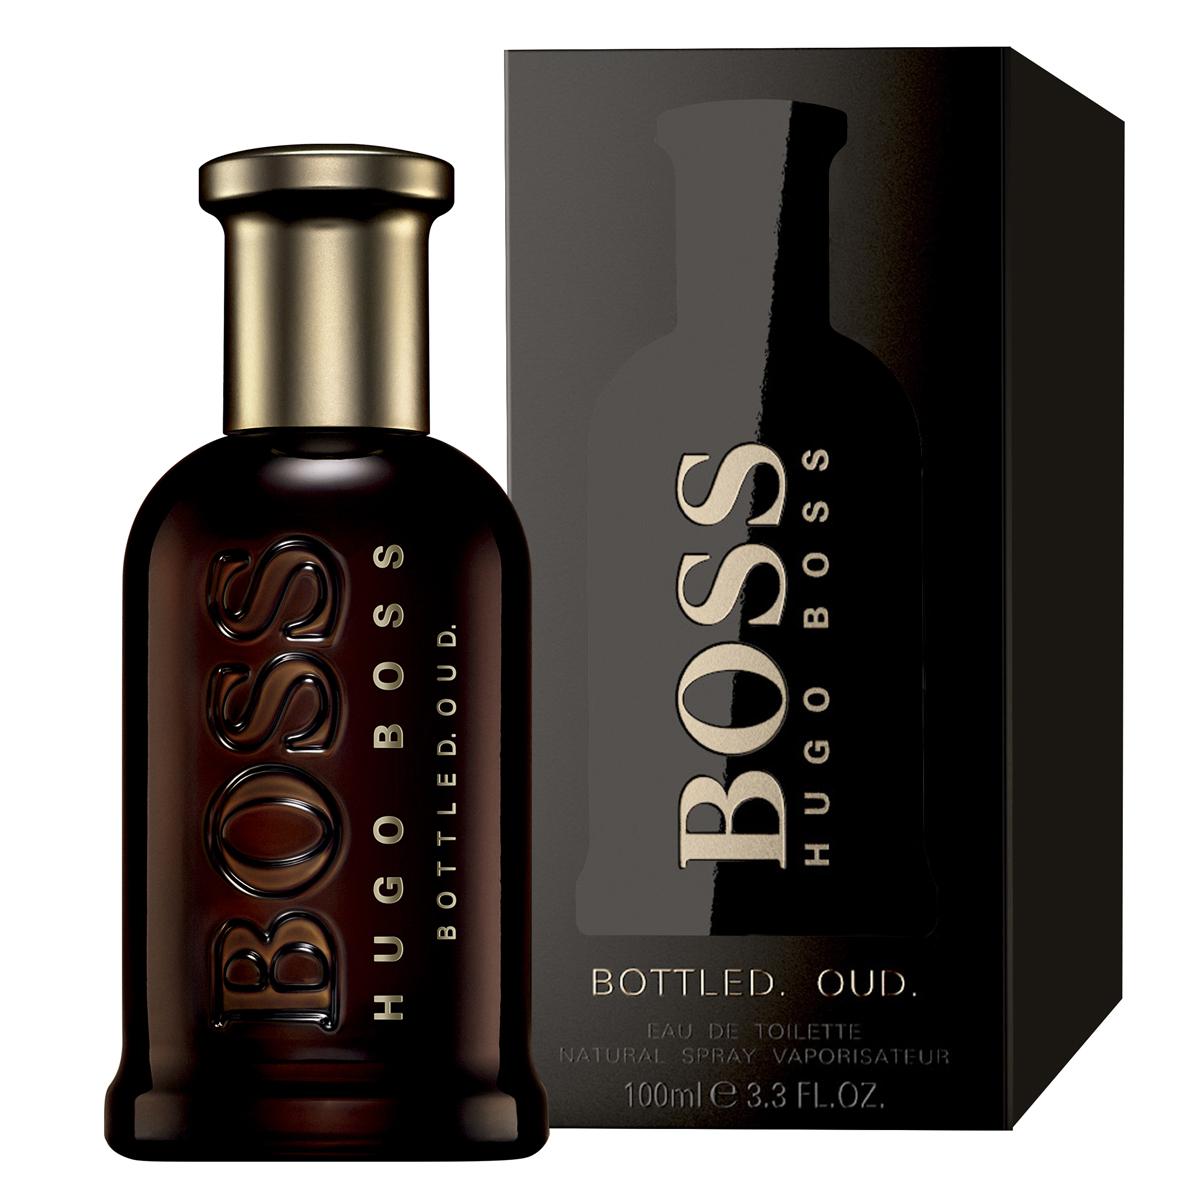 Hugo Boss Bottled Oud Парфюмерная вода мужская 100 млперфорационные unisexBoss Bottled Oud – глубокий, густой, обволакивающий и мистический по своему звучанию мужской восточно-древесный парфюм с бархатистыми пряными акцентами, выпущенный в 2015 году немецким модным брендом Hugo Boss. Аромат является своеобразным подарком всем любителем аромата уда. Считающийся священным на Востоке, уд последнее время начал свое победное шествие и в западной парфюмерии. Однако очень густой, дымно-сладкий аромат, столь популярный на Востоке непривычен для европейцев. Поэтому парфюмерам приходится облегчать его с помощью других ароматических ингредиентов, заставляя звучать более легко и непринужденно, как это принято в европейских парфюмерных традициях. Таким вот ароматом, стоящим одновременно на восточных и европейских традициях, и стал новый парфюм от Хьюго Босс. В нем сладковато-дымный, пряный уд буквально растворяется в бархатистых нотах корицы и горьковато-пряном шафране, будучи дополненным тонким древесно-сливочным аромата светлой древесины.